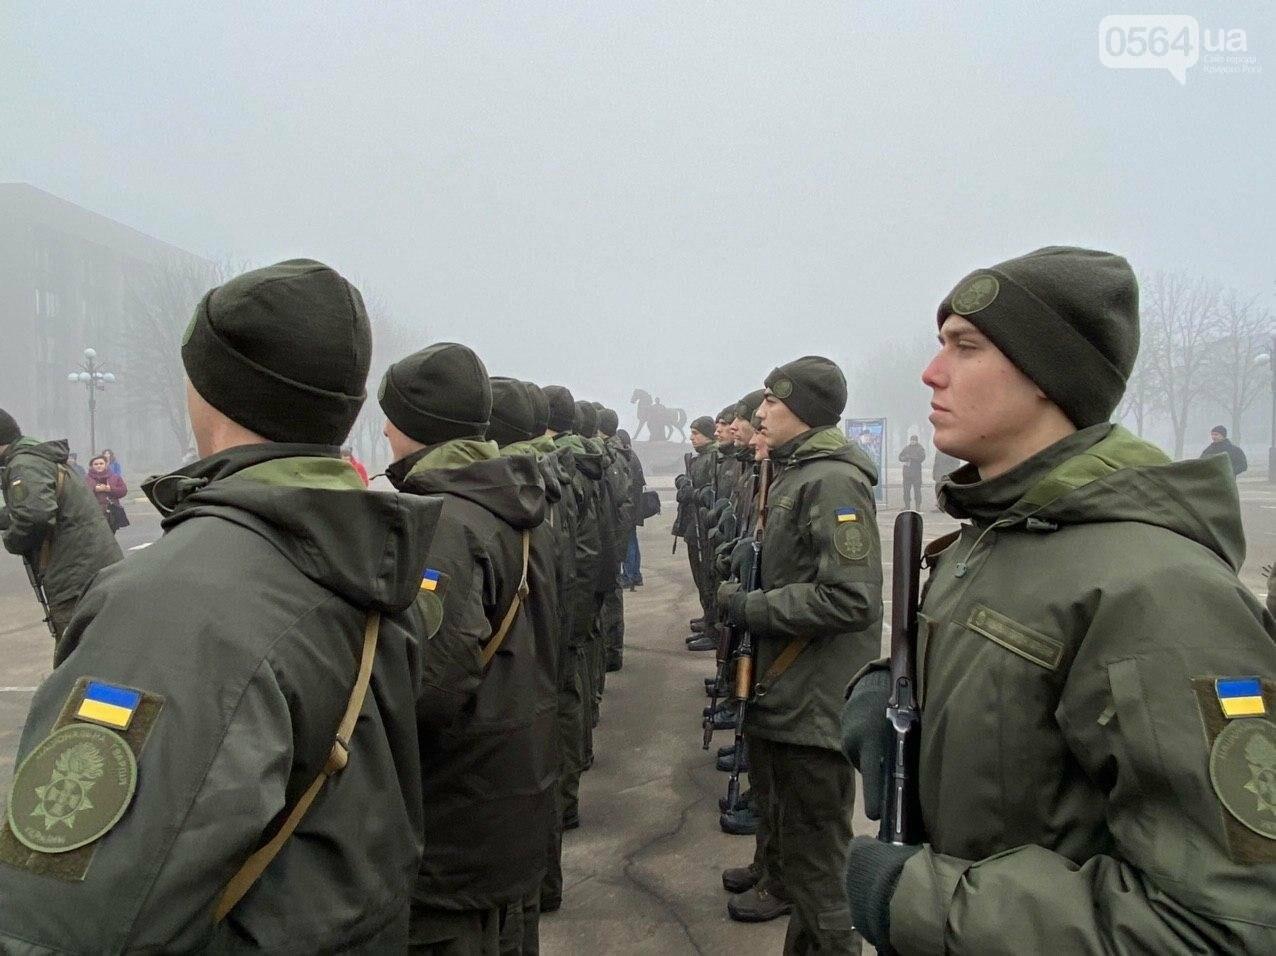 В Кривом Роге на верность украинскому народу присягнули 43 нацгвардейца, - ФОТО, ВИДЕО , фото-24